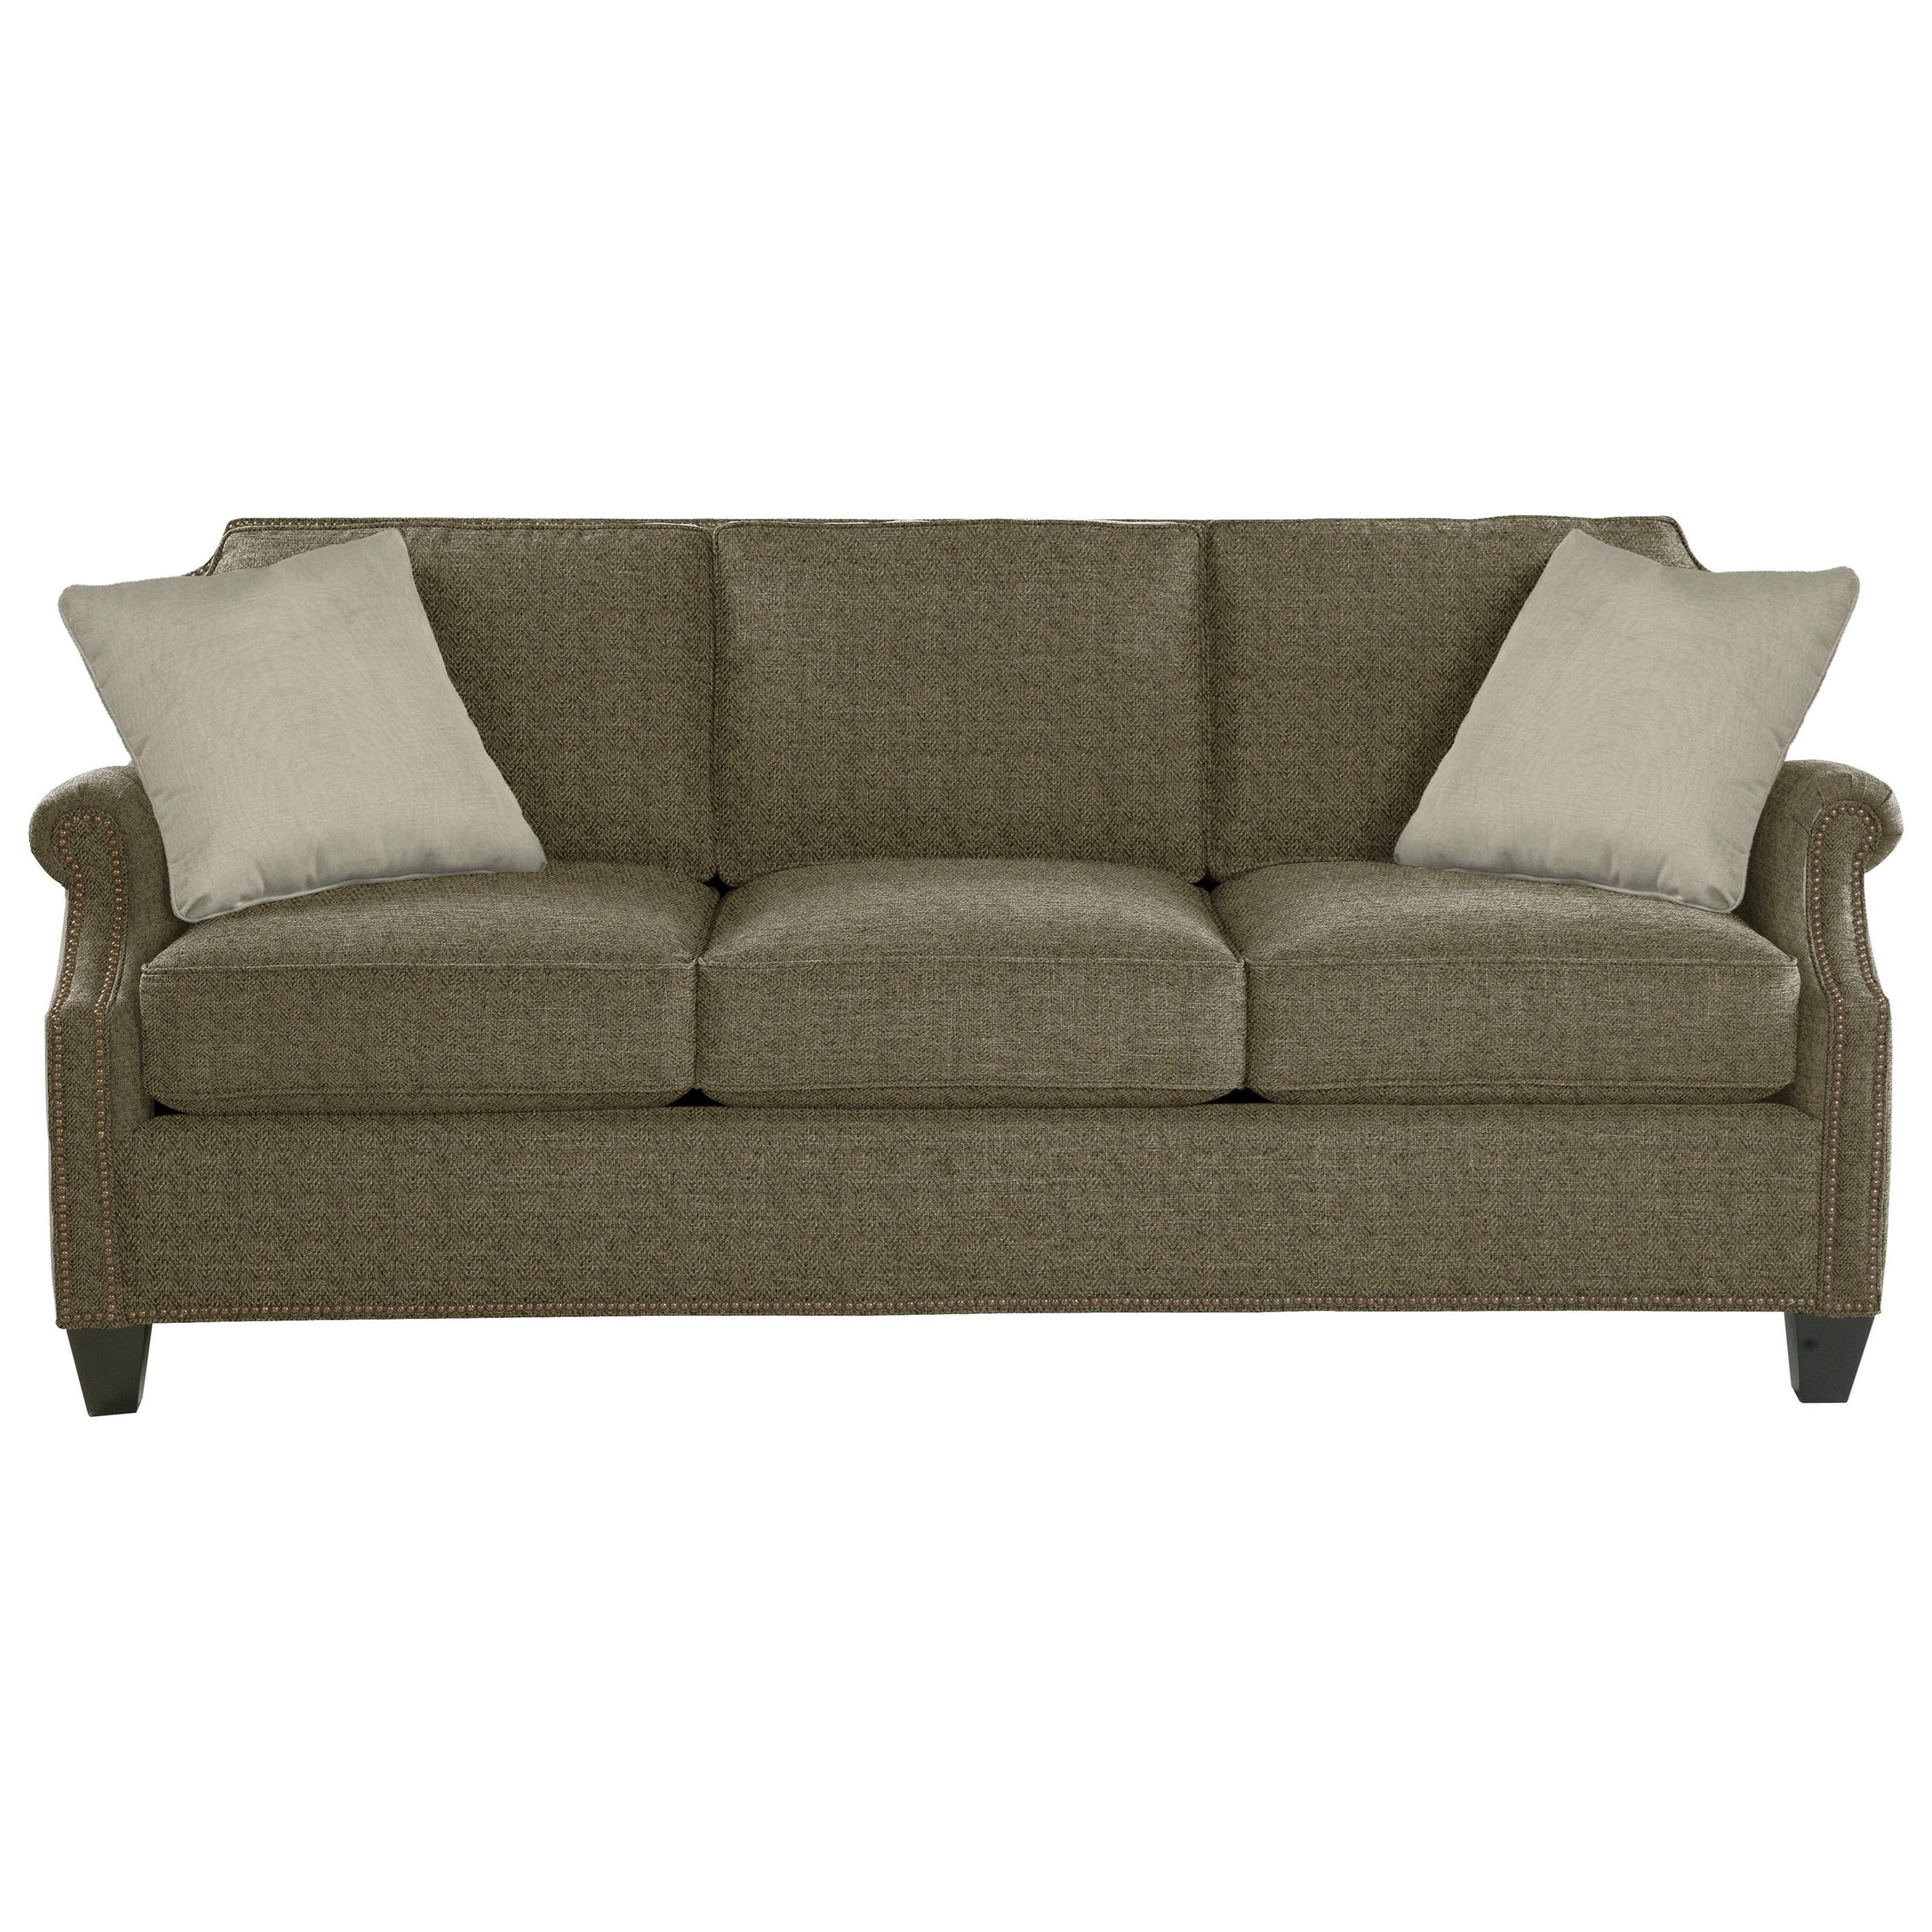 Craftmaster 9383 Sofa - Item Number: 938350-ROMERO-45